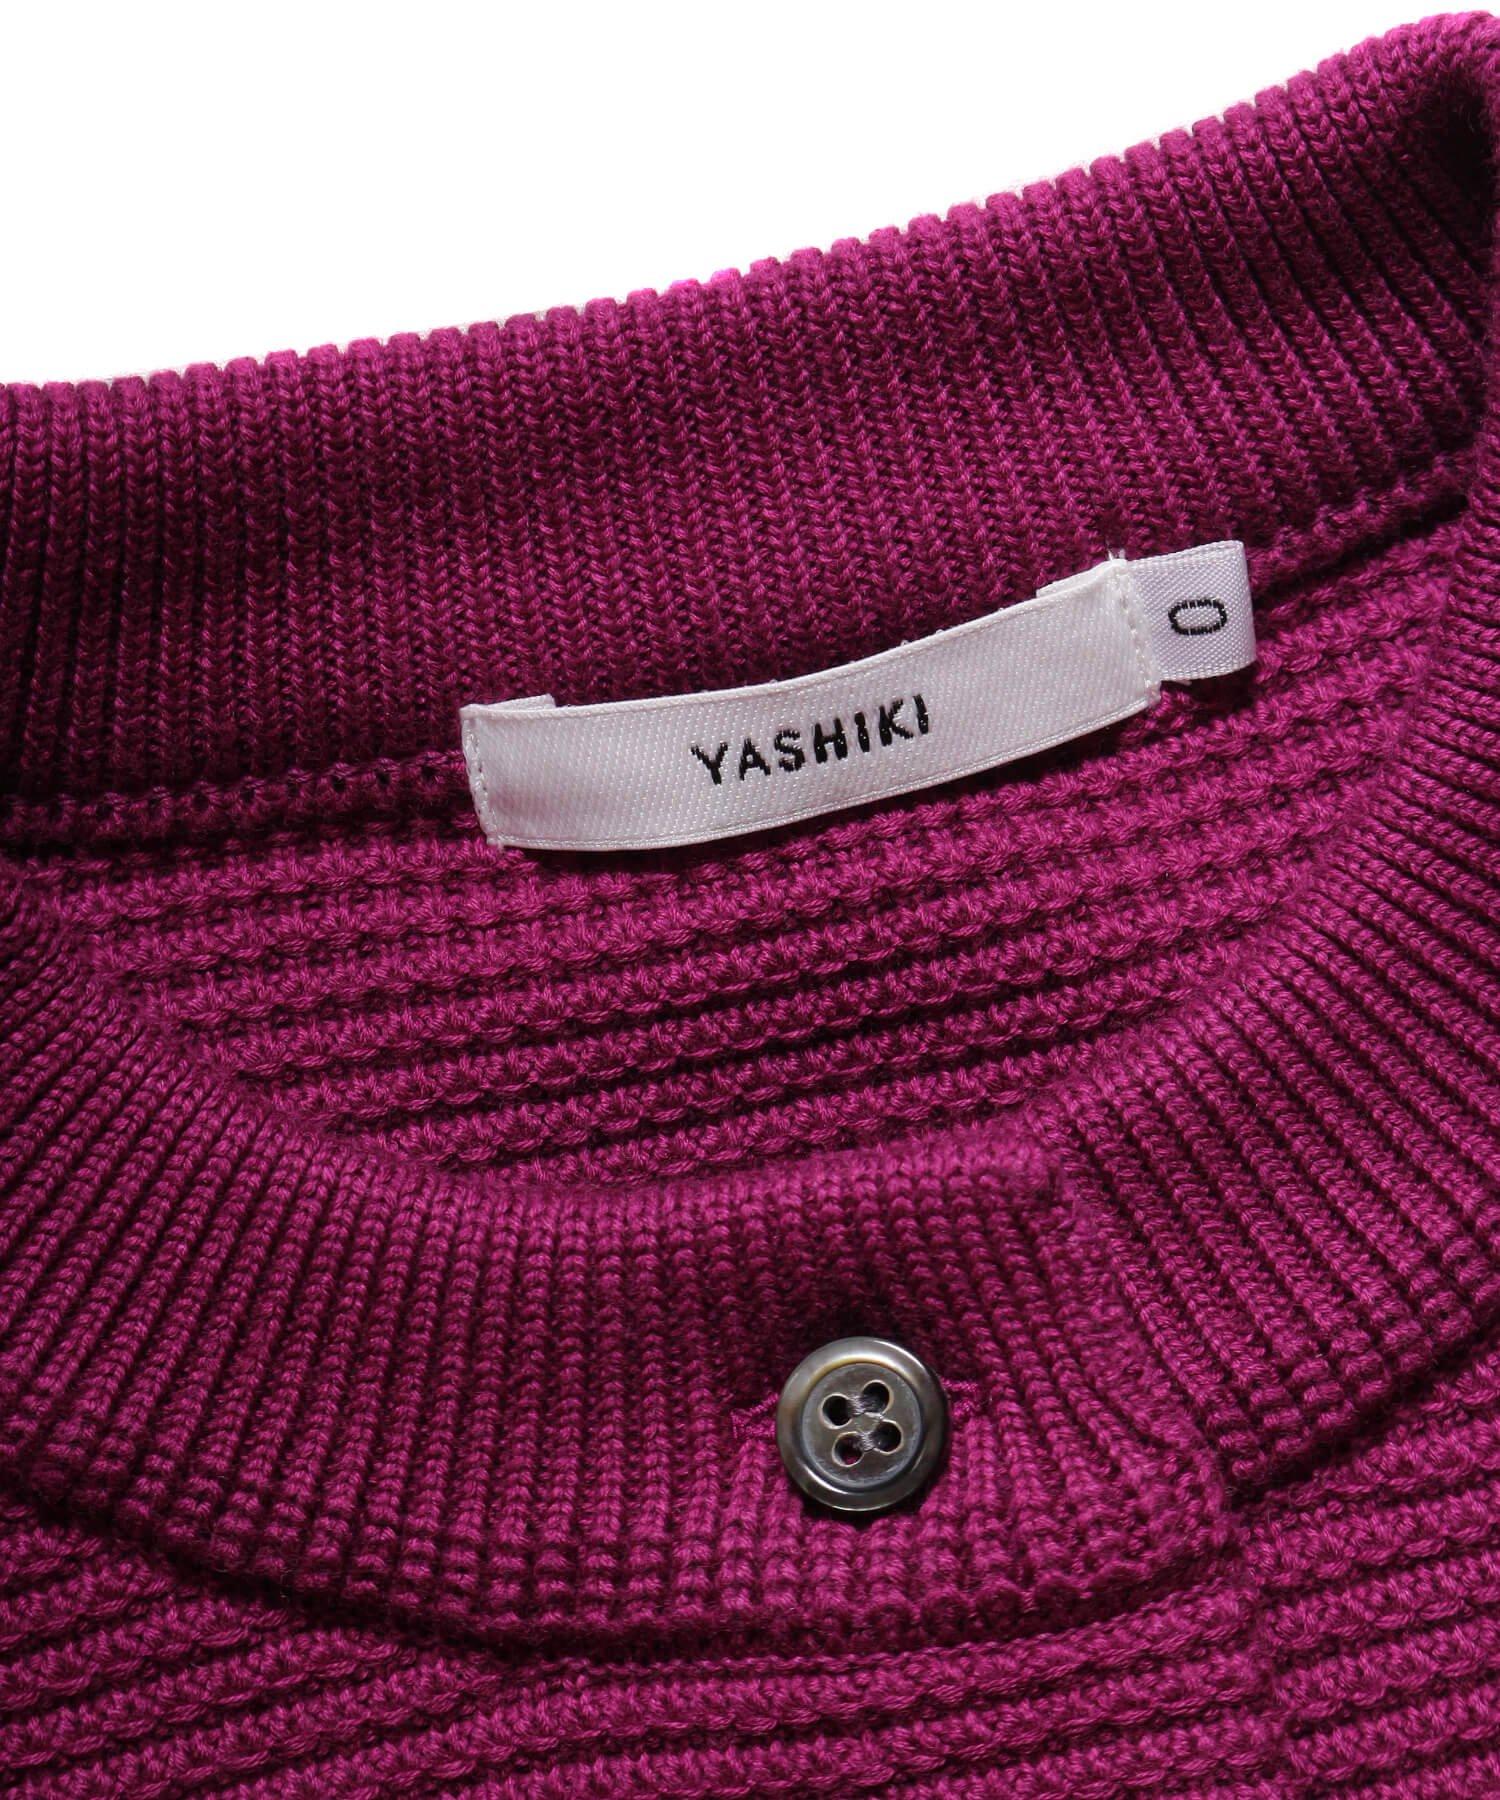 YASHIKI / ヤシキ  YASHIKI / ヤシキ × SIDEMILITIA inc. / サイドミリティア  SHIGURE CARDIGAN (LIMITED PURPLE/WOMEN'S) 商品画像5